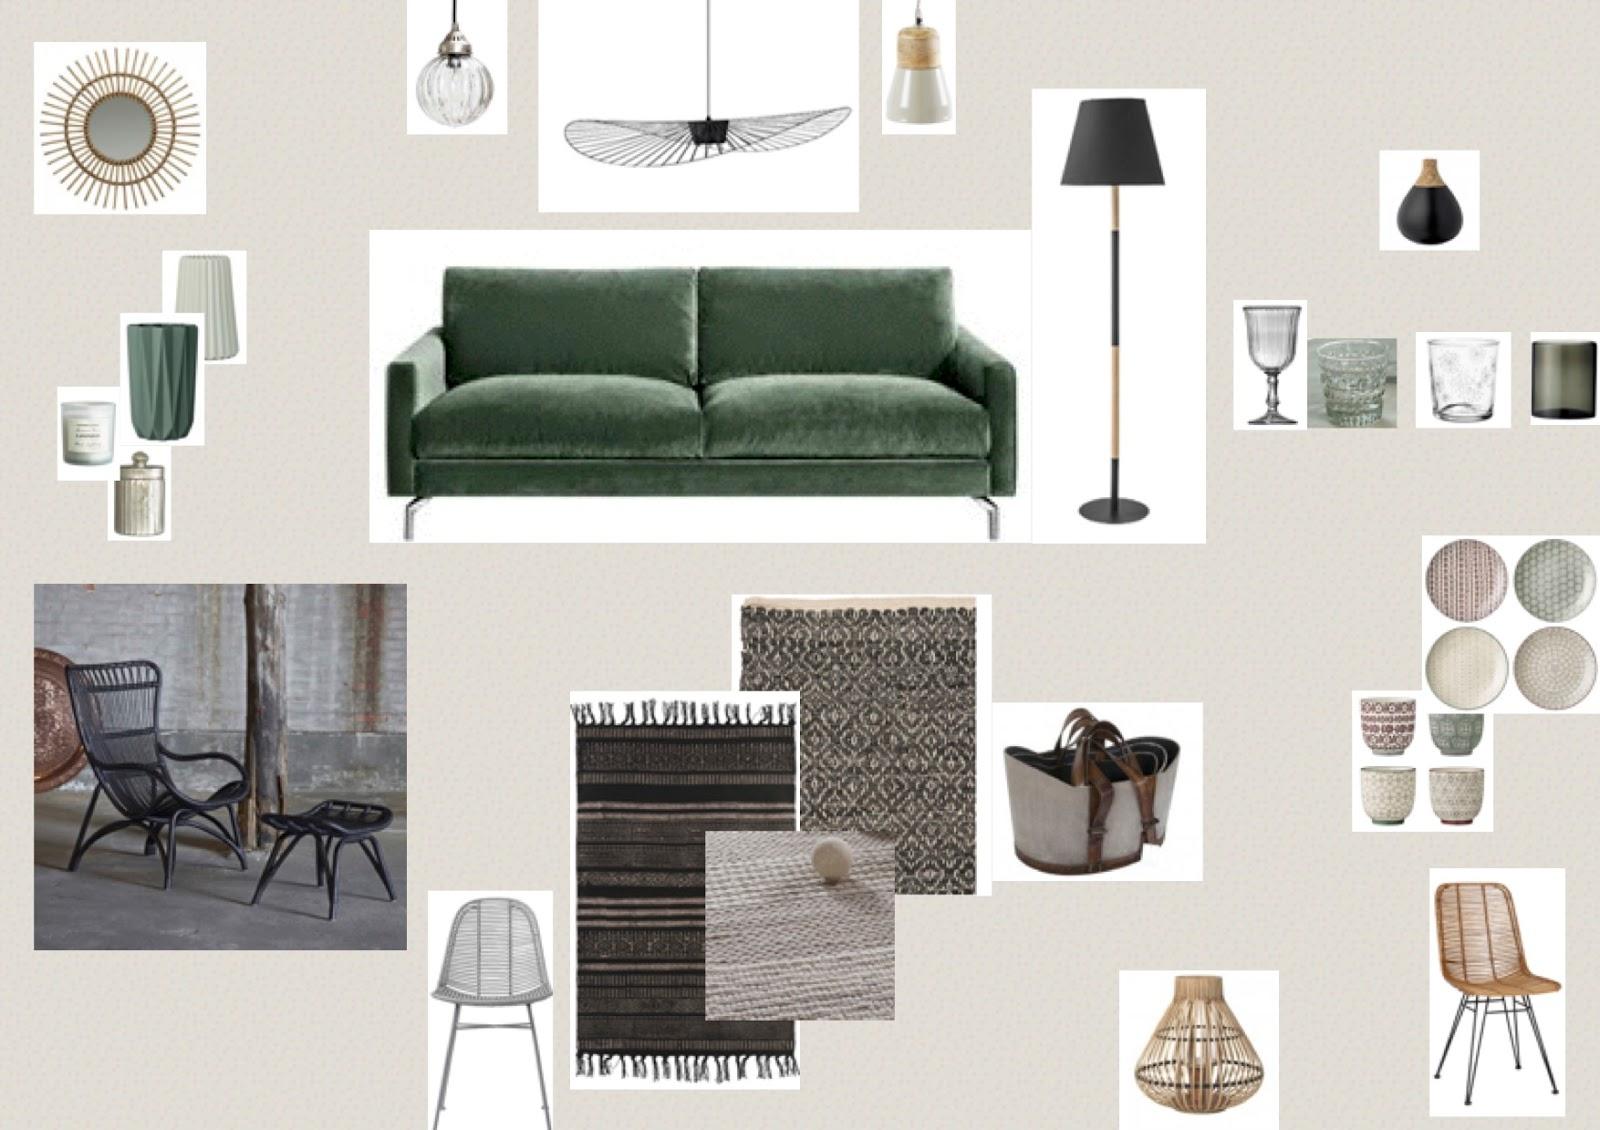 d coratrice d 39 int rieur bordeaux 33 architecture et d coration carnet d 39 inspiration. Black Bedroom Furniture Sets. Home Design Ideas